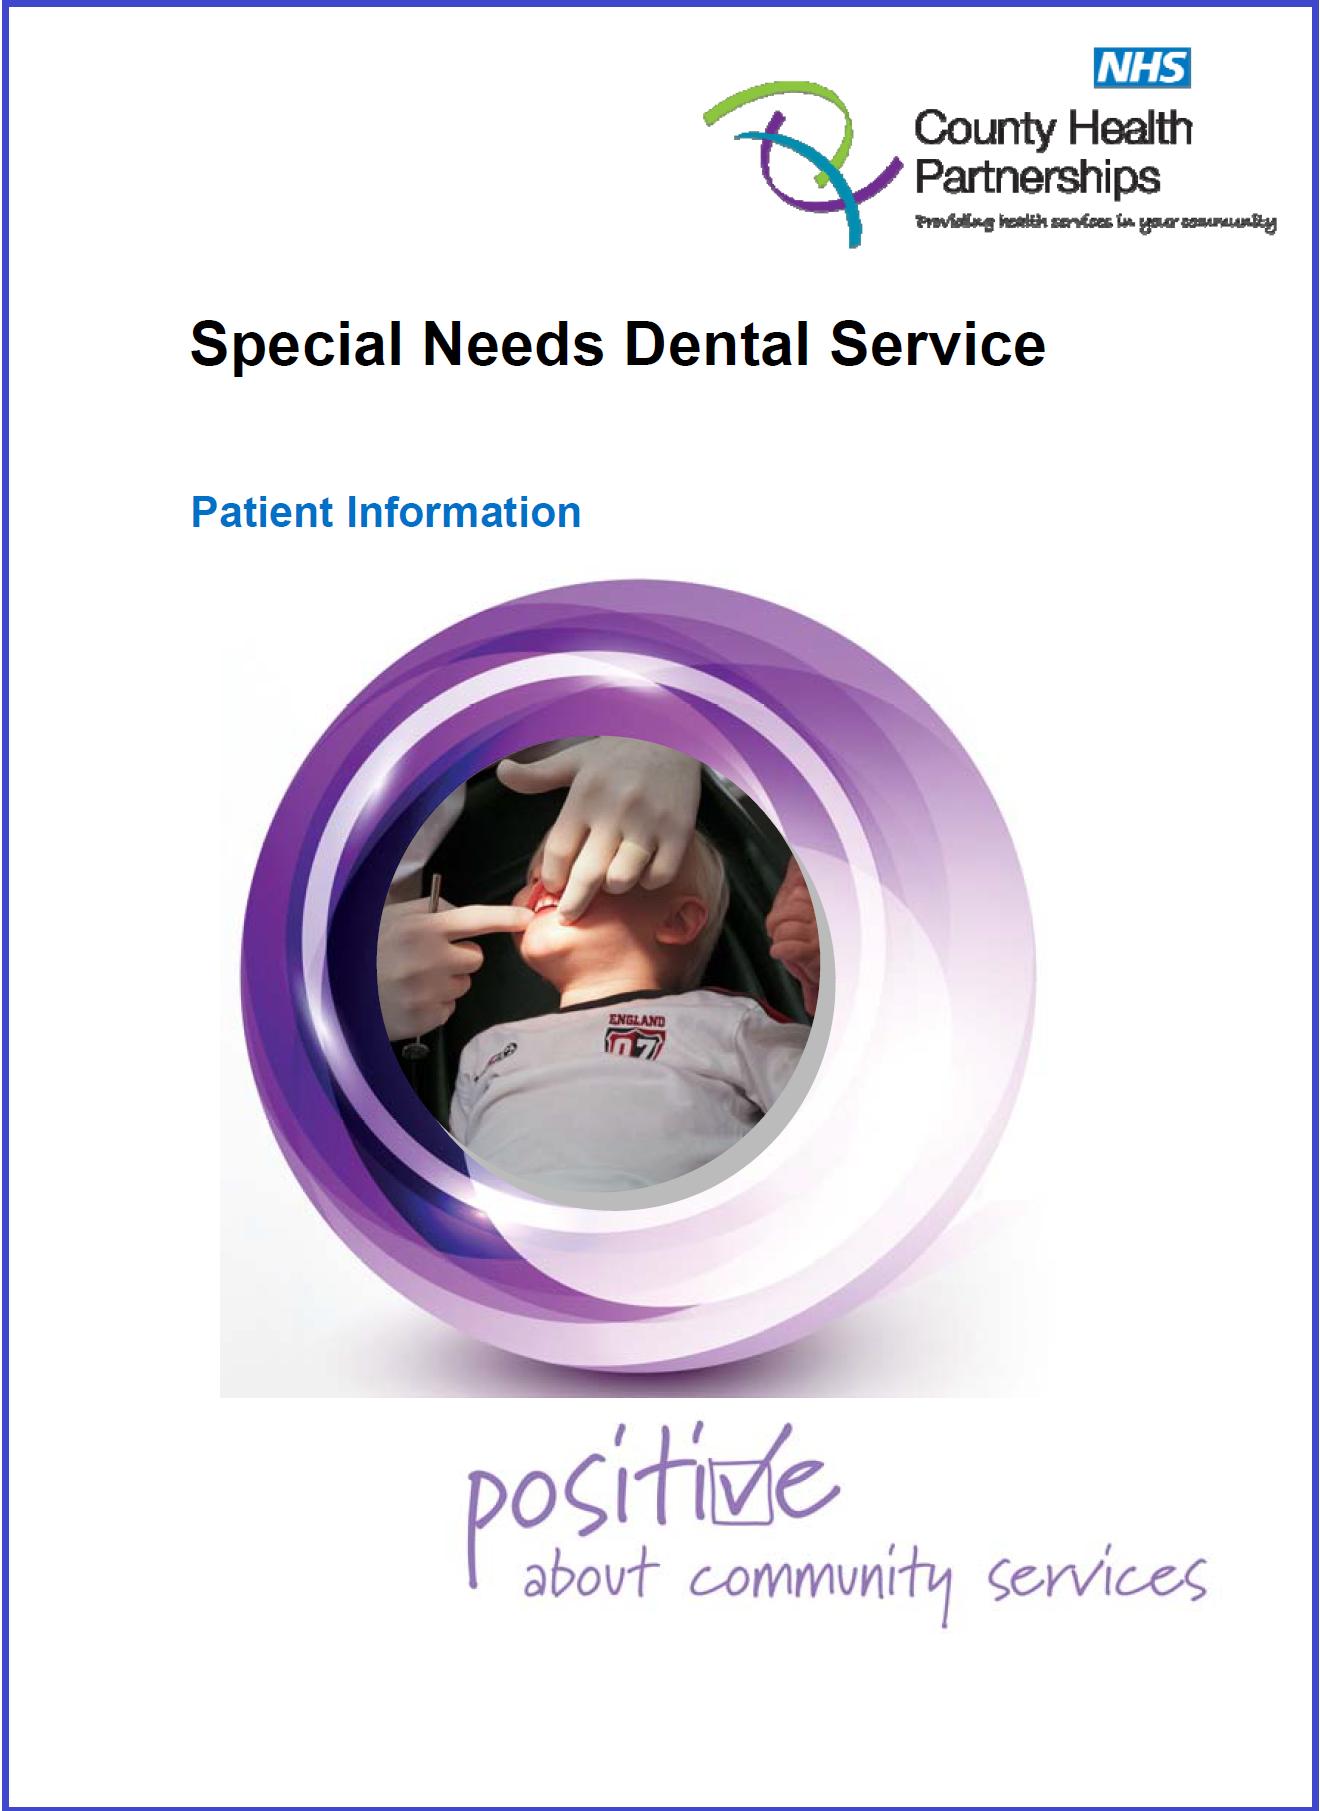 Special Needs Dental Service Leaflet